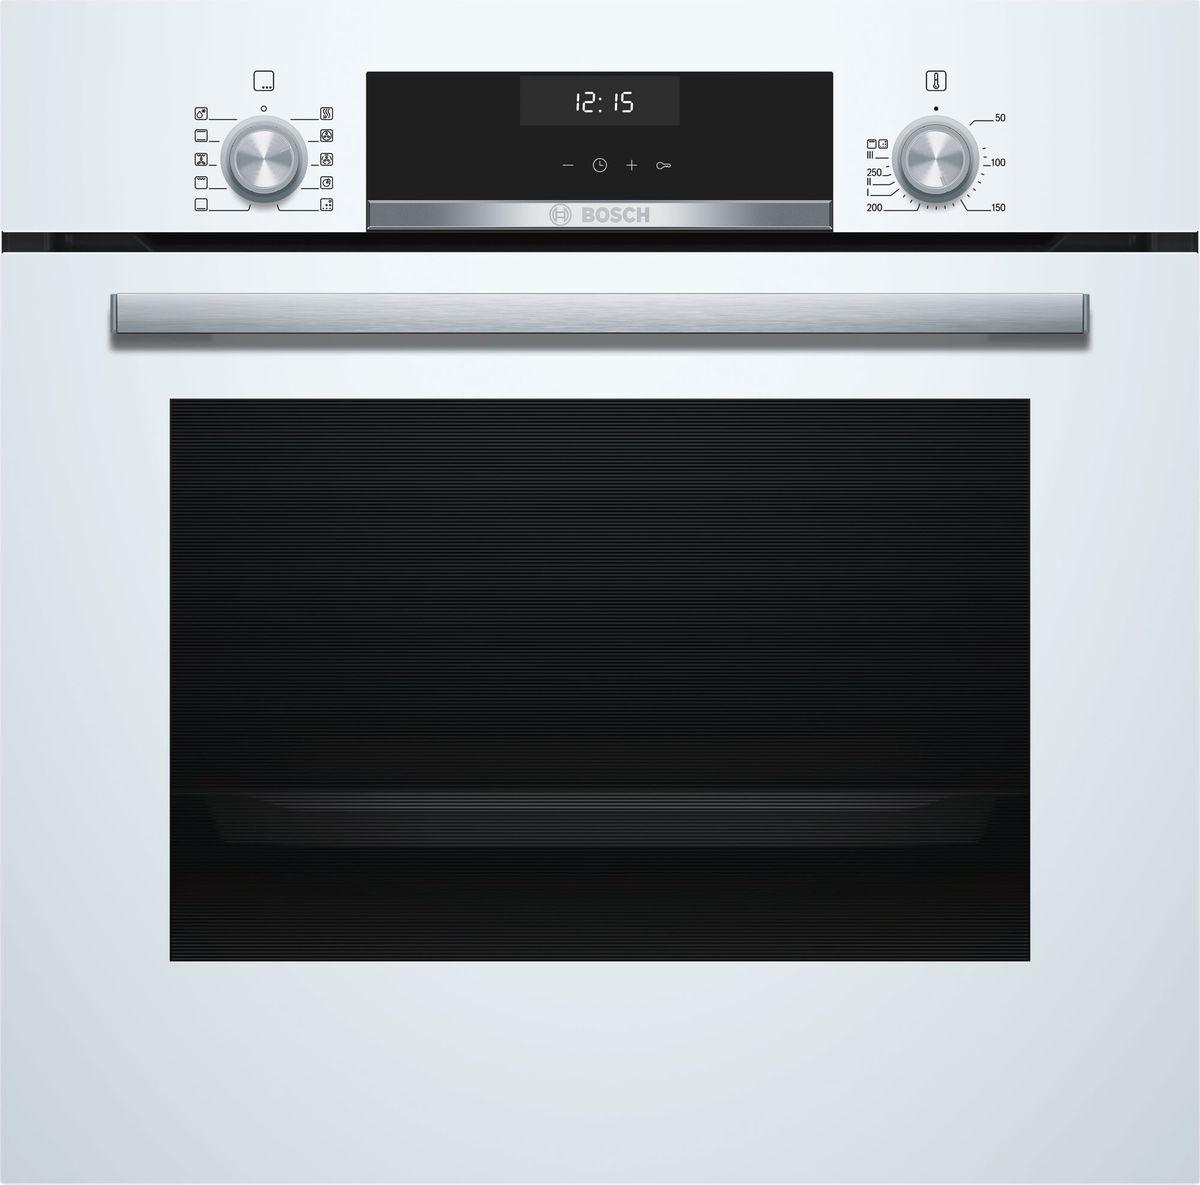 Духовой шкаф Bosch Serie 6, HBJ558YW0Q, белый